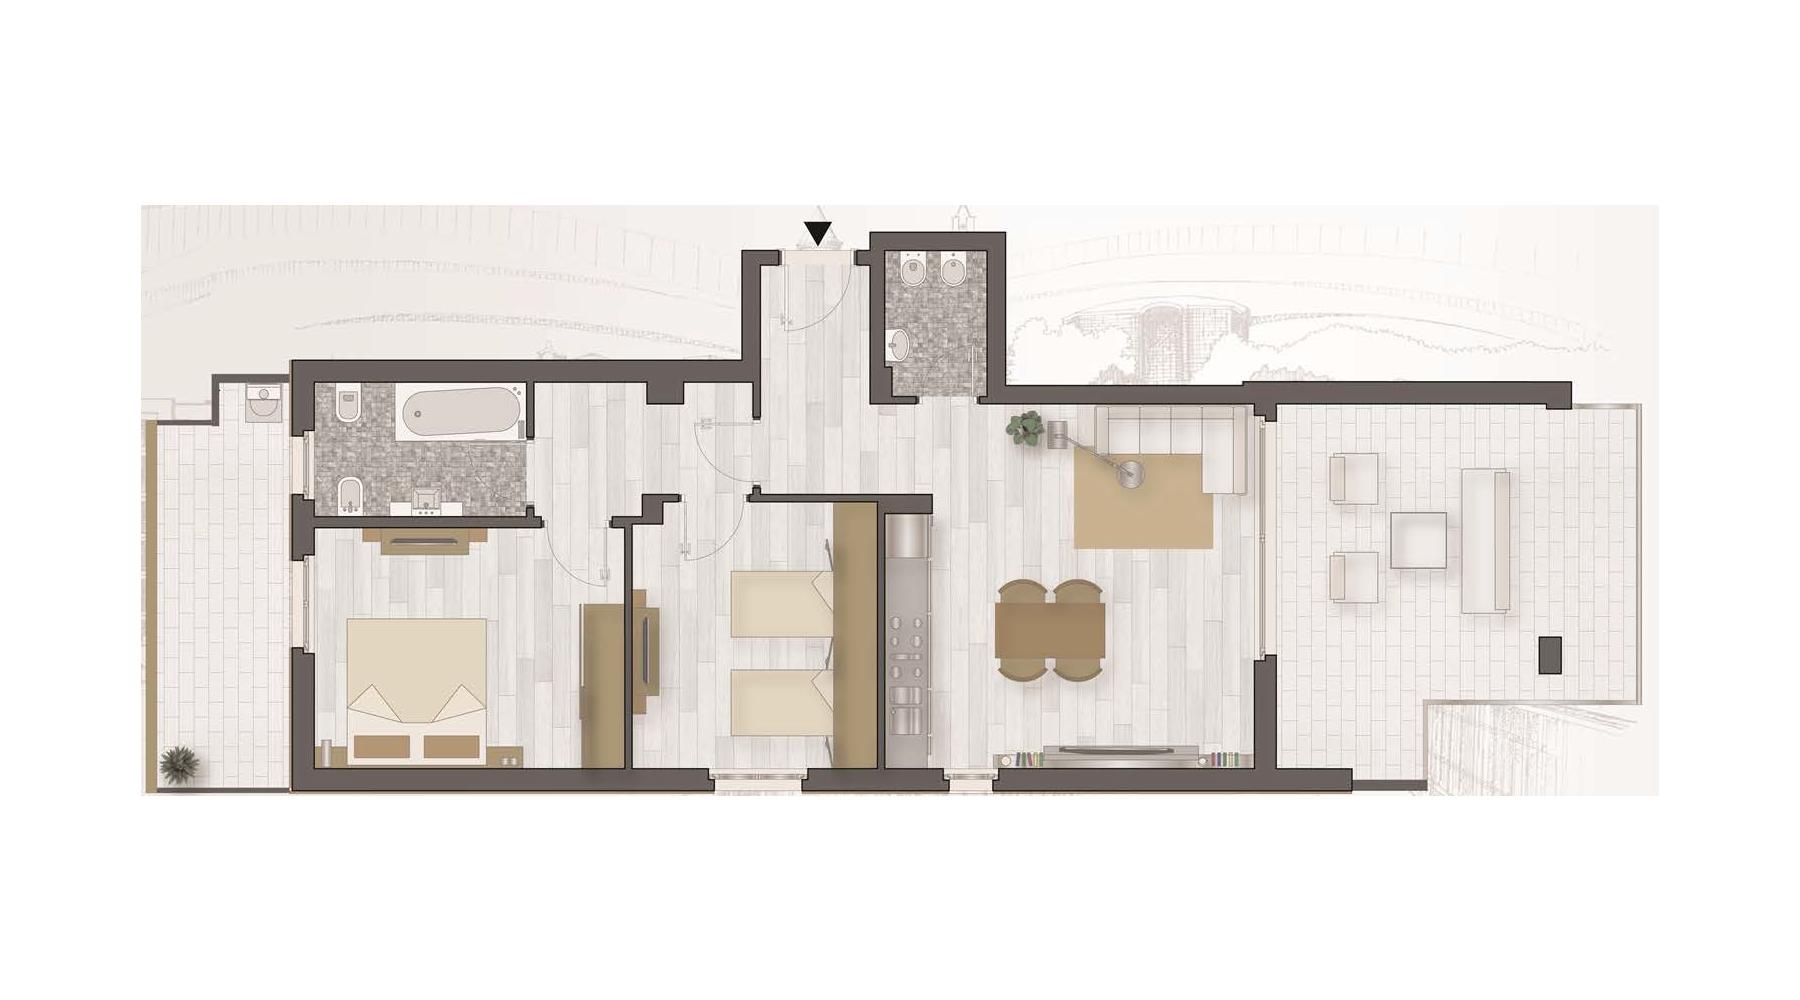 Le planimetrie degli appartamenti lido della sirena for Planimetria dell appartamento in vendita